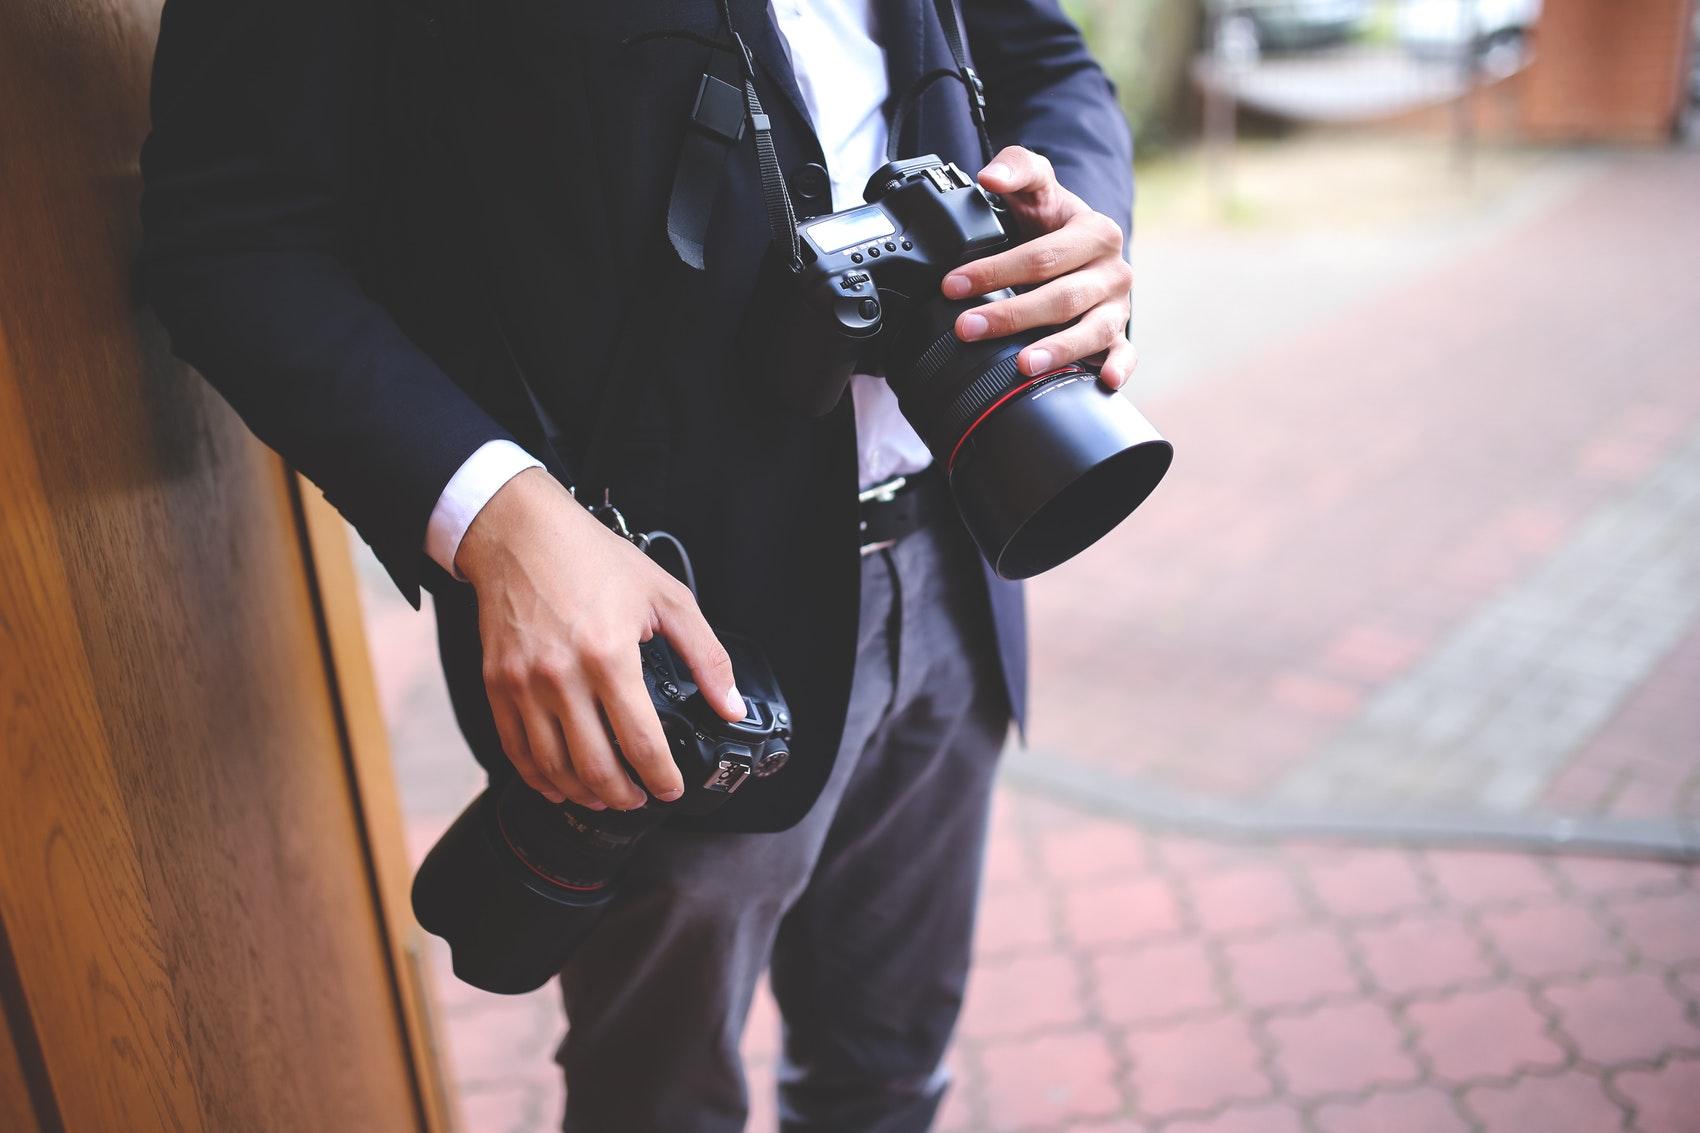 Un fotografo en una boda con dos camaras